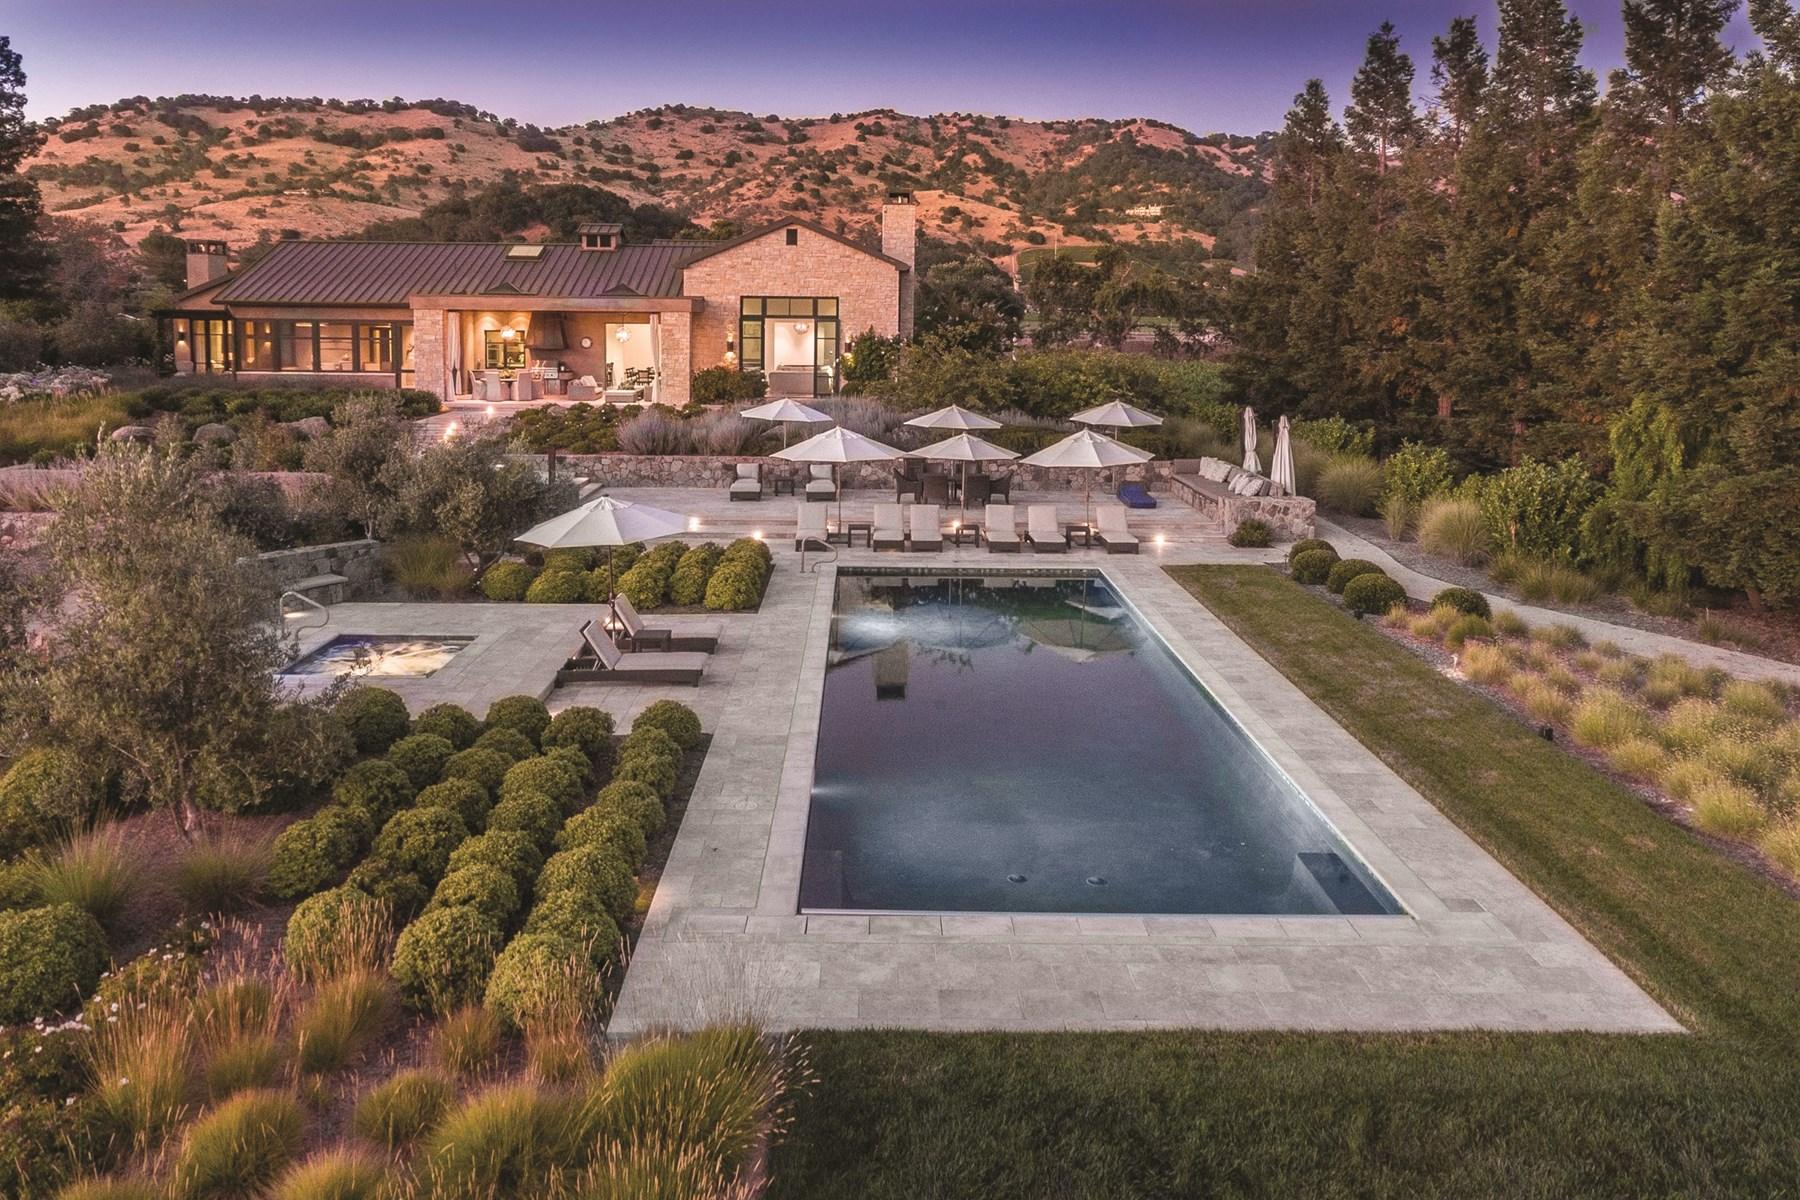 Terreno por un Venta en Yountville Vineyard Estate 1095 State Ln Yountville, California, 94599 Estados Unidos